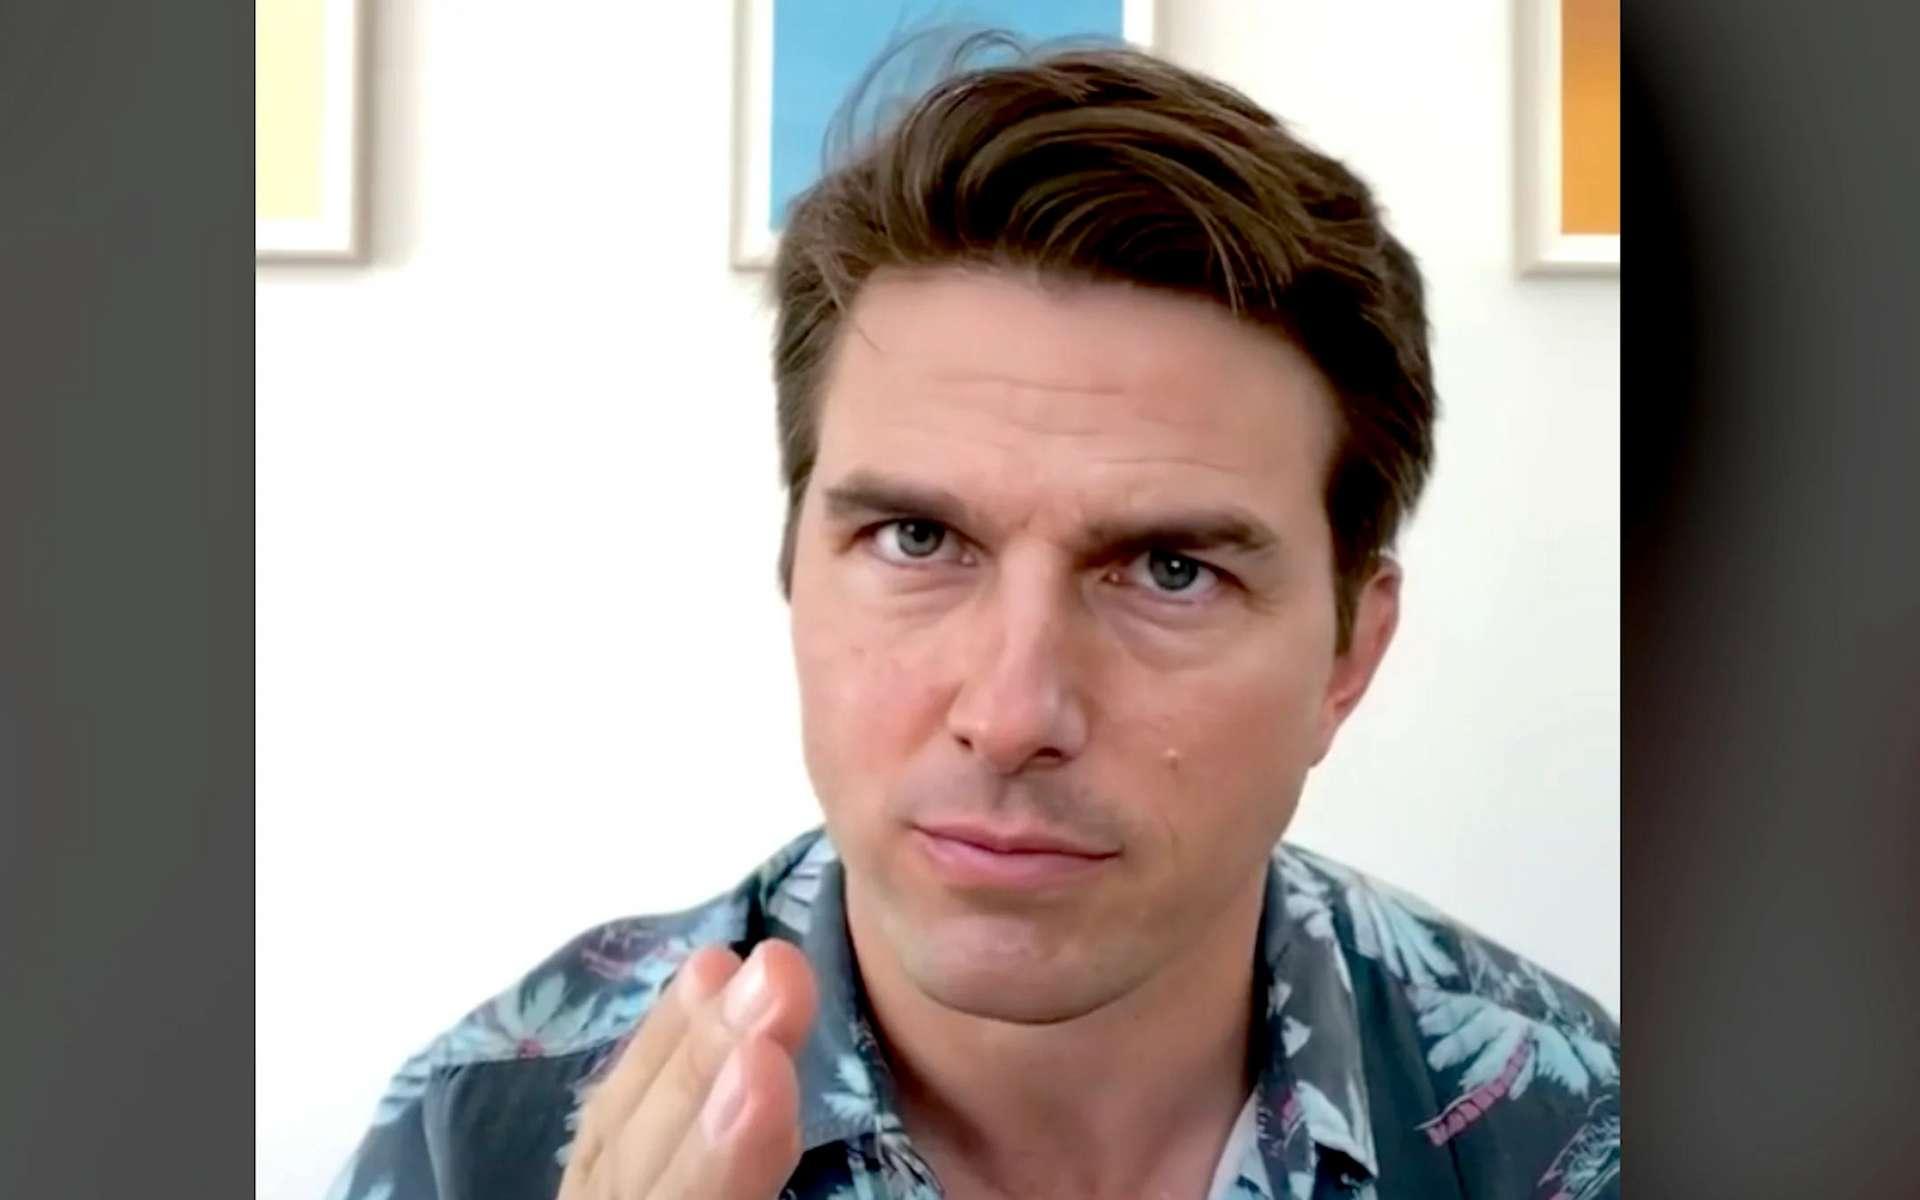 Attention deepfake : les fausses vidéos avec Tom Cruise jettent le trouble - Futura